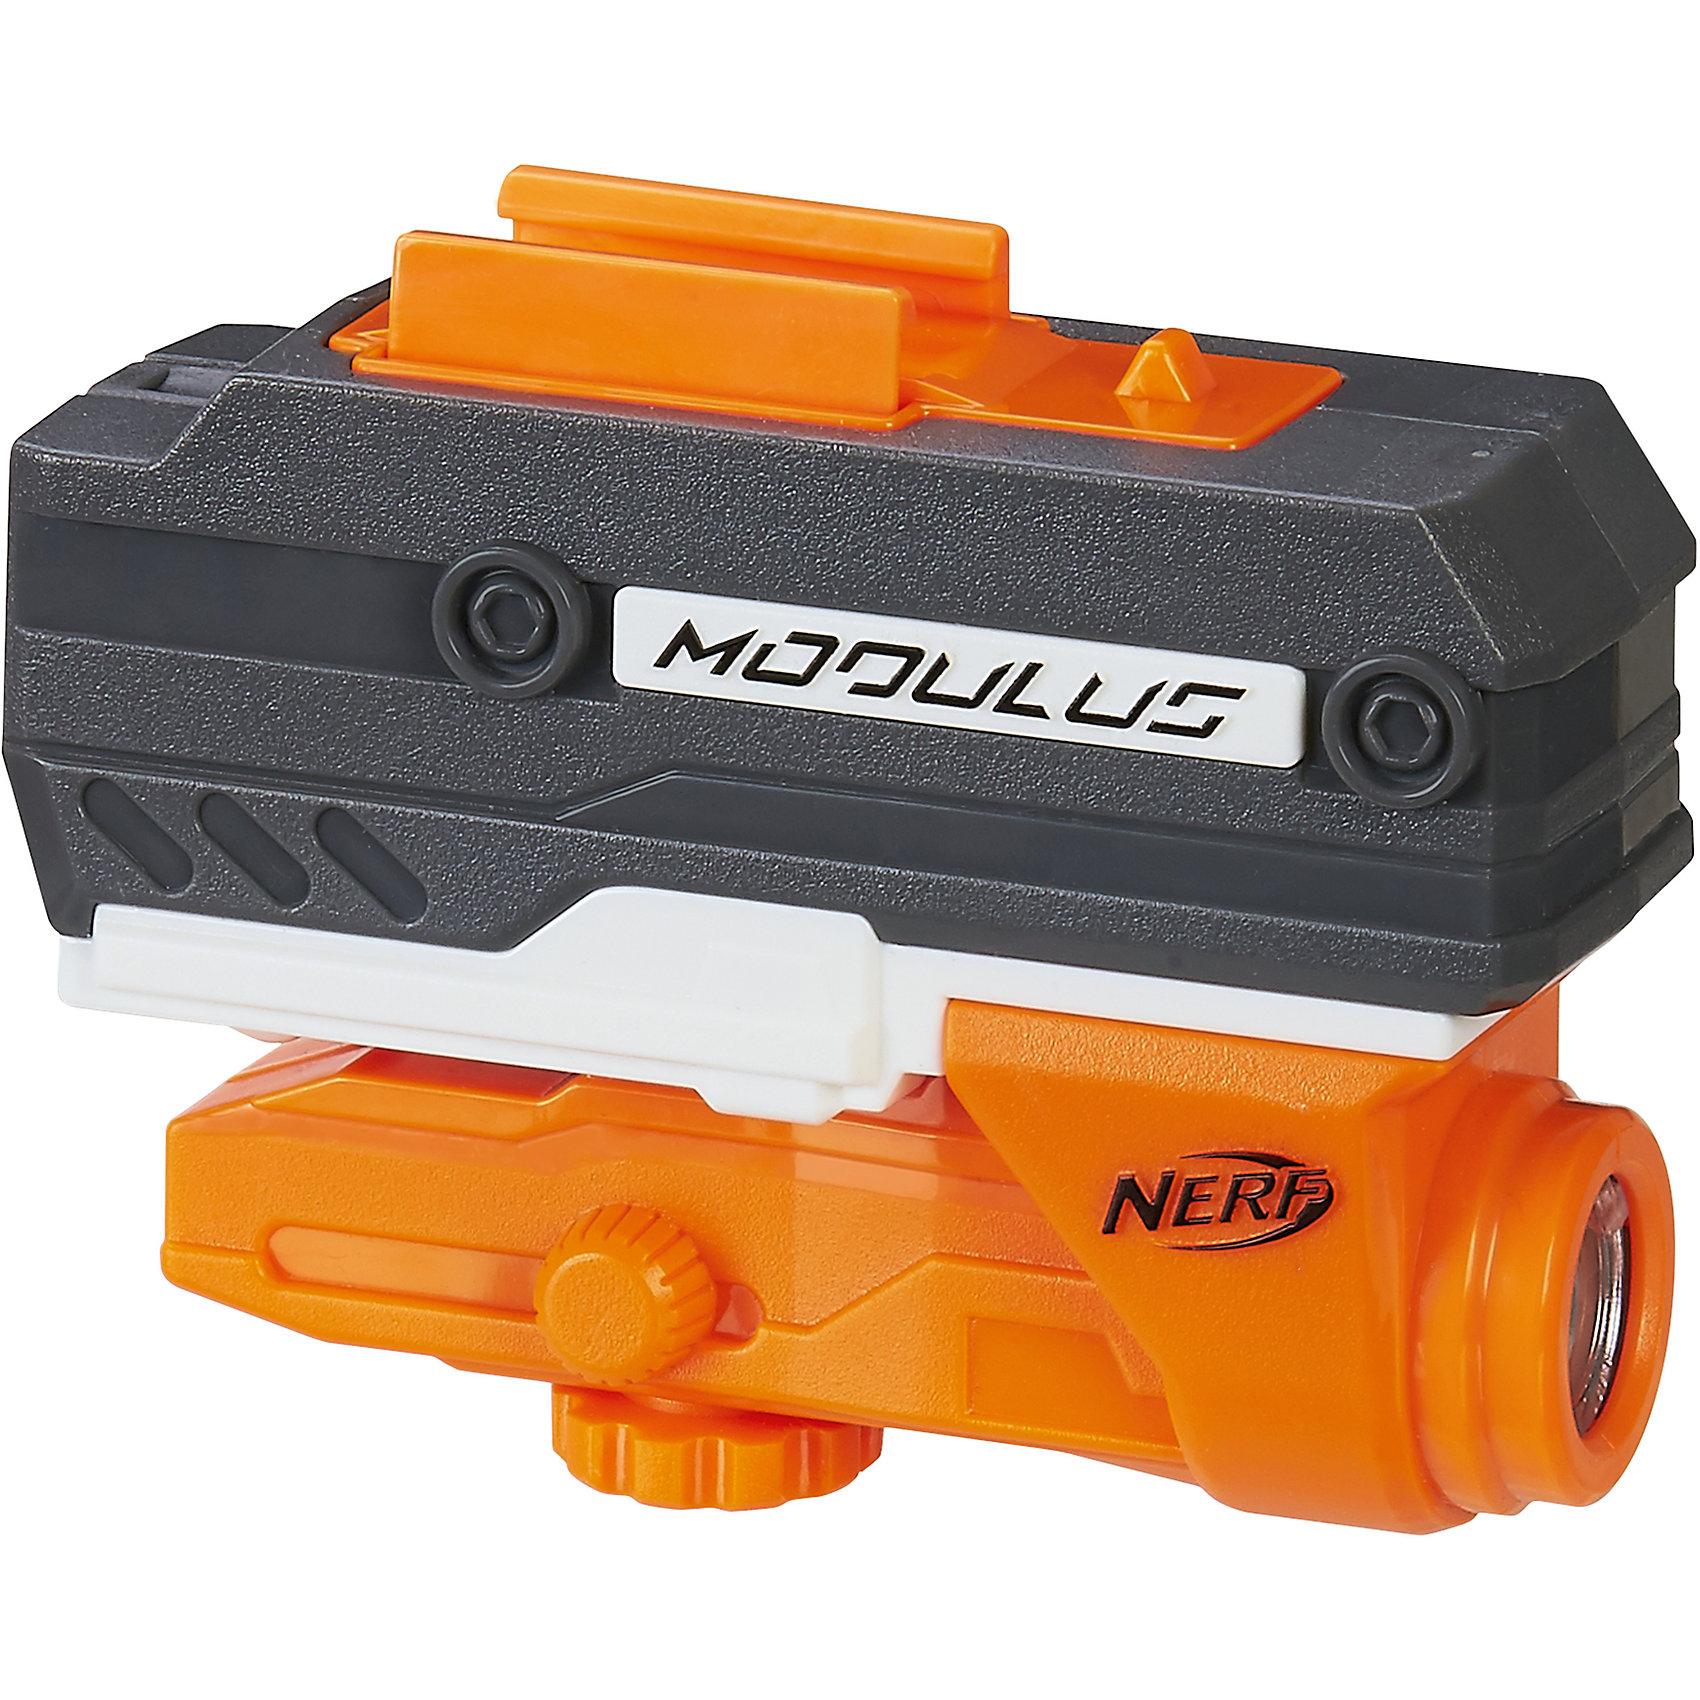 Игрушка Nerf Нёрф Модулус - Лазерный прицелИгрушечное оружие<br>Характеристики товара:<br><br>• материал: пластик, металл<br>• возраст: от 8 лет<br>• тип батареек: 3 x AAA / LR0.3 1.5 (мизинчиковые)<br>• наличие батареек: не входят в комплект<br>• вес: 160 г<br>• размер упаковки: 18x5x23 см<br>• страна бренда: США<br>• страна производства: Китай<br><br>Игрушка Нёрф Модулус - это лазерный прицел, предназначенный для модификации бластеров. С помощью Nerf Modulus N-Strike ребенок будет лучше целиться как в неподвижные мишени, так и в движущихся участников боя даже на довольно дальних расстояниях, ни на секунду не упуская их из виду.<br><br>Аксессуары, NERF Modulus, от известного бренда Hasbro можно купить в нашем интернет-магазине.<br><br>Ширина мм: 236<br>Глубина мм: 182<br>Высота мм: 48<br>Вес г: 165<br>Возраст от месяцев: 96<br>Возраст до месяцев: 156<br>Пол: Унисекс<br>Возраст: Детский<br>SKU: 5473698